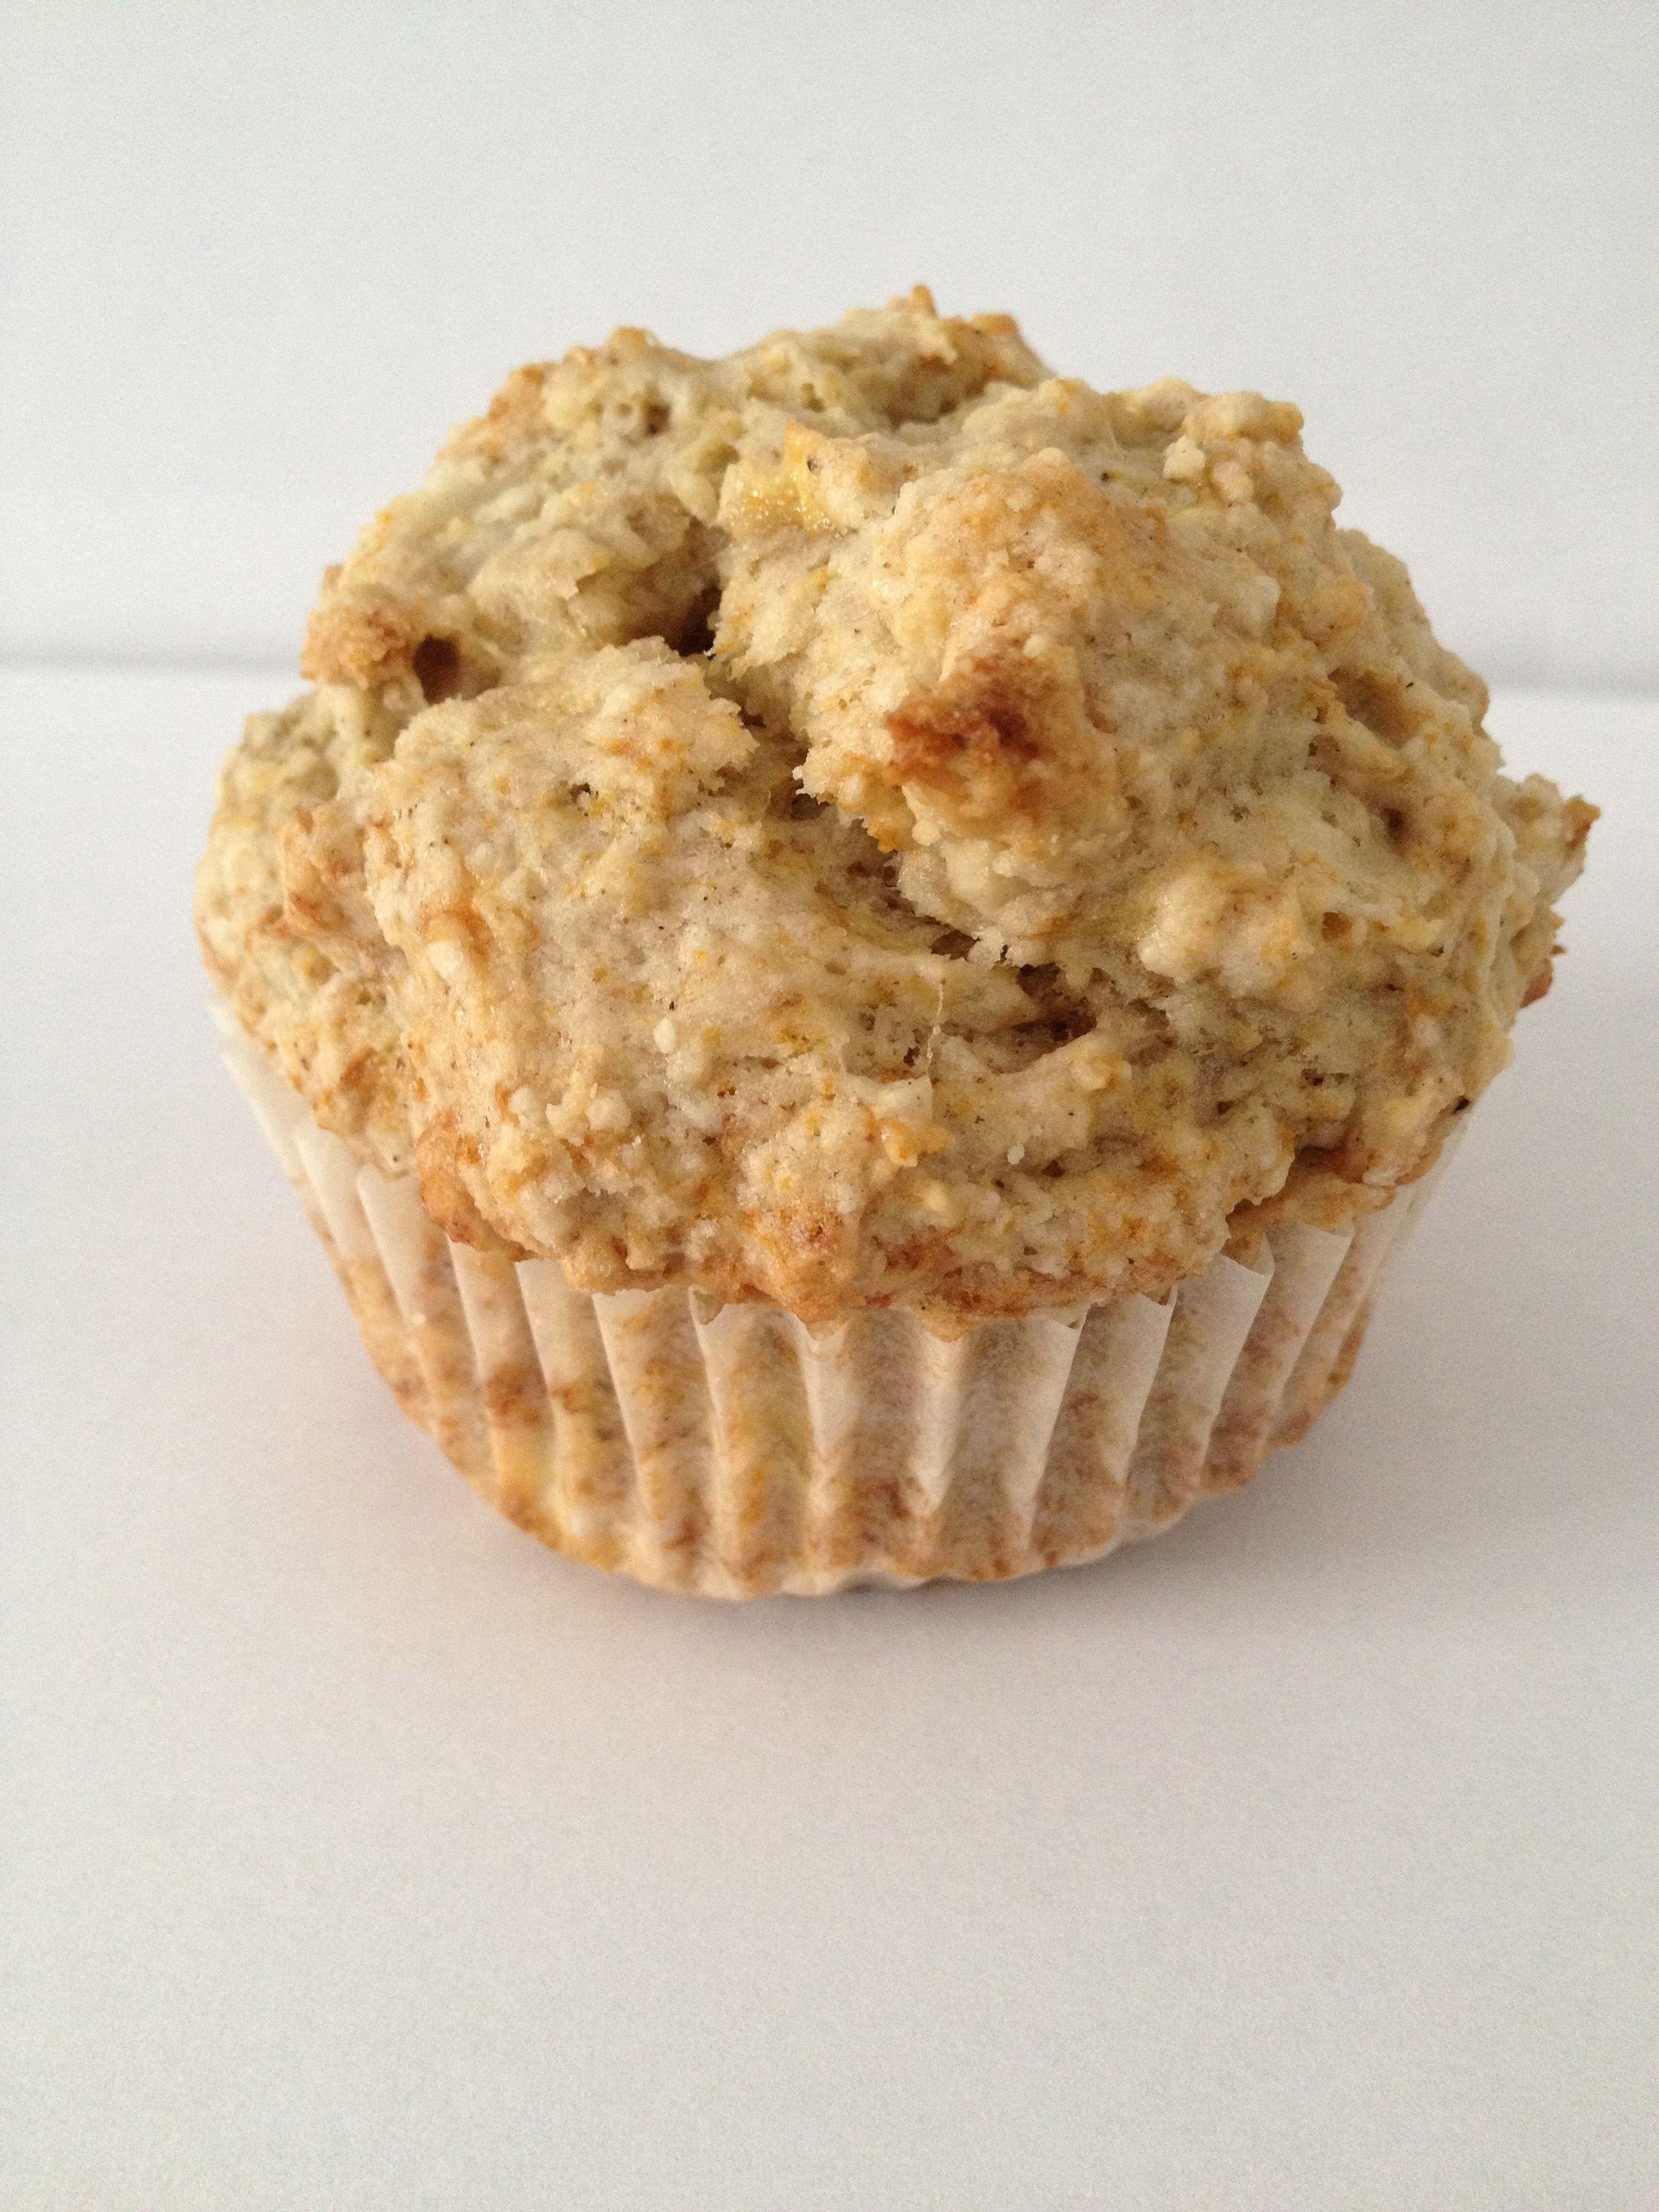 Vegane Bananen Walnuss Muffins Super Schnell Gemacht Unglaublich